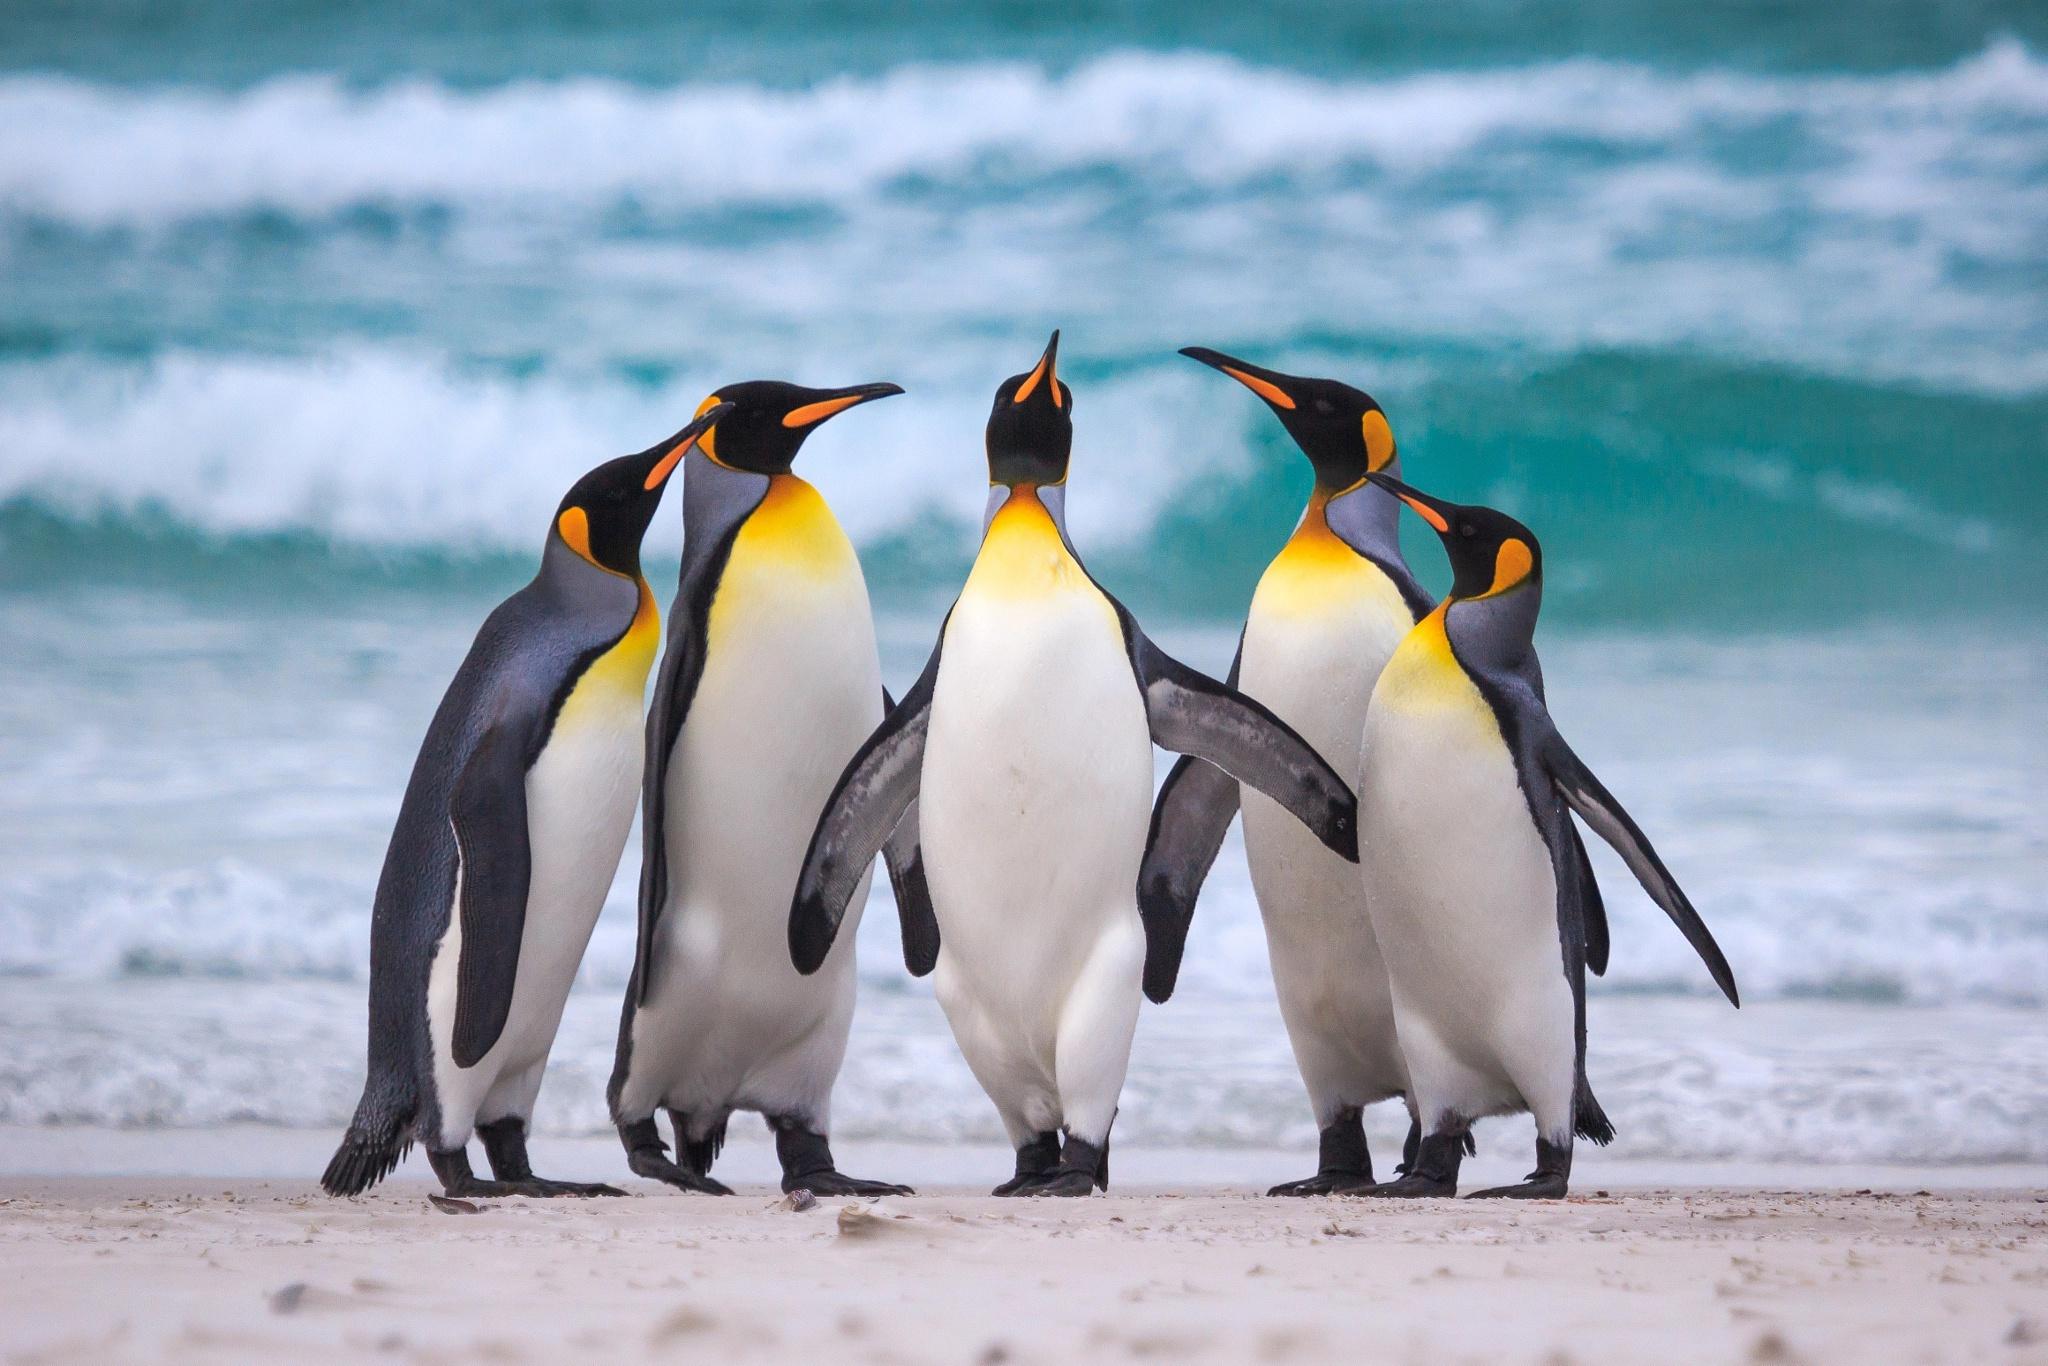 Penguin Wildlife 2048x1366